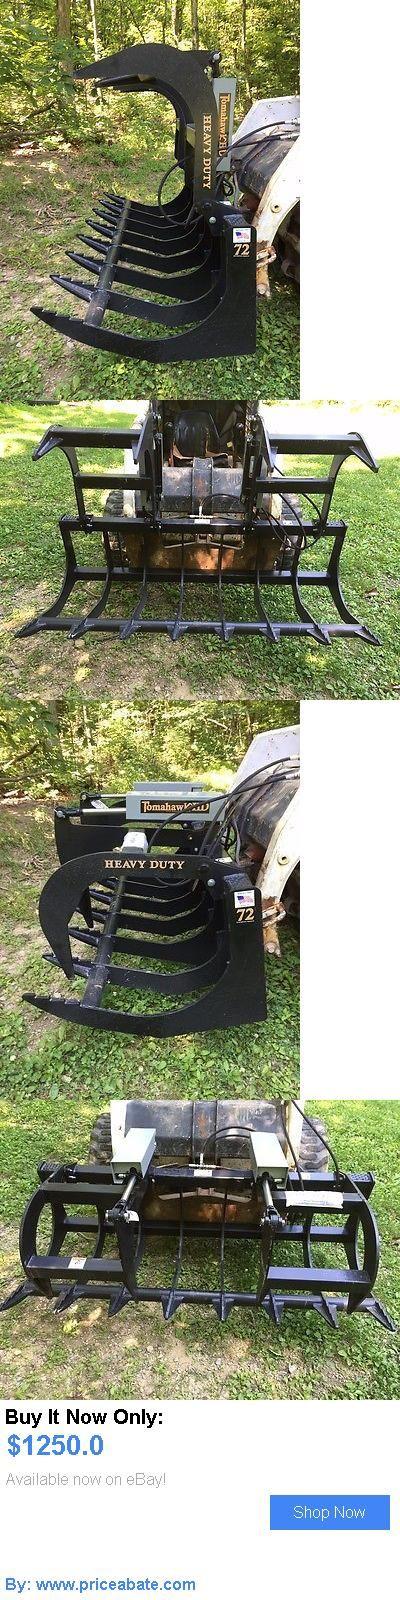 heavy equipment: New 72 Root Grapple Skid Steer/Tractor 6 Brush Bucket -Bobcat, Case, Cat, Etc BUY IT NOW ONLY: $1250.0 #priceabateheavyequipment OR #priceabate